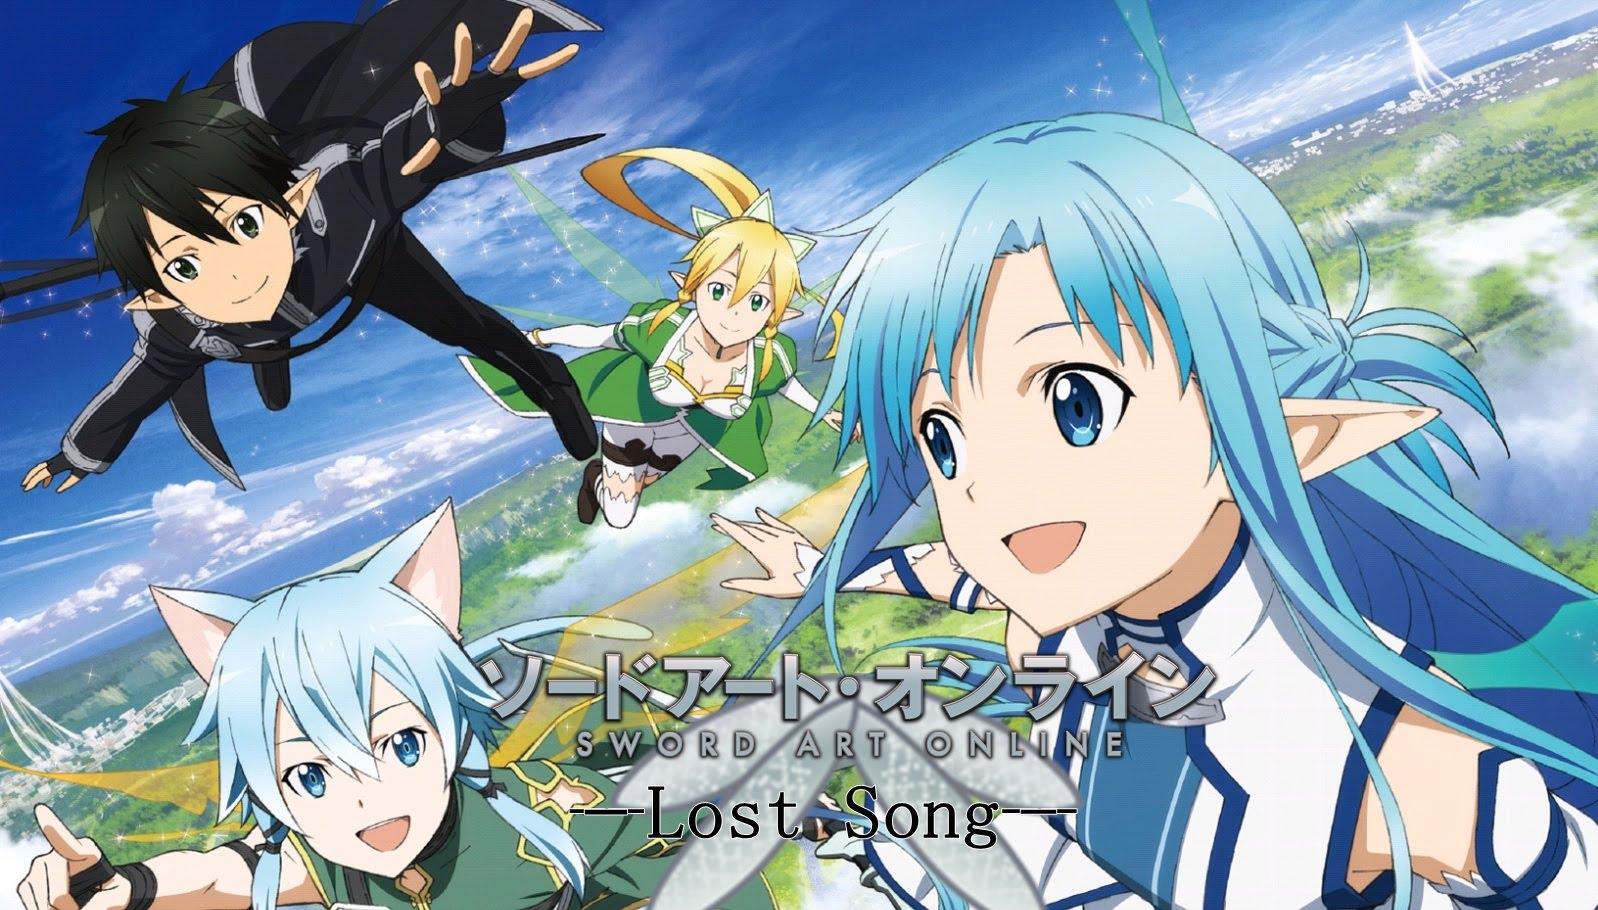 sword-art-online-lost-song-destaque-pn